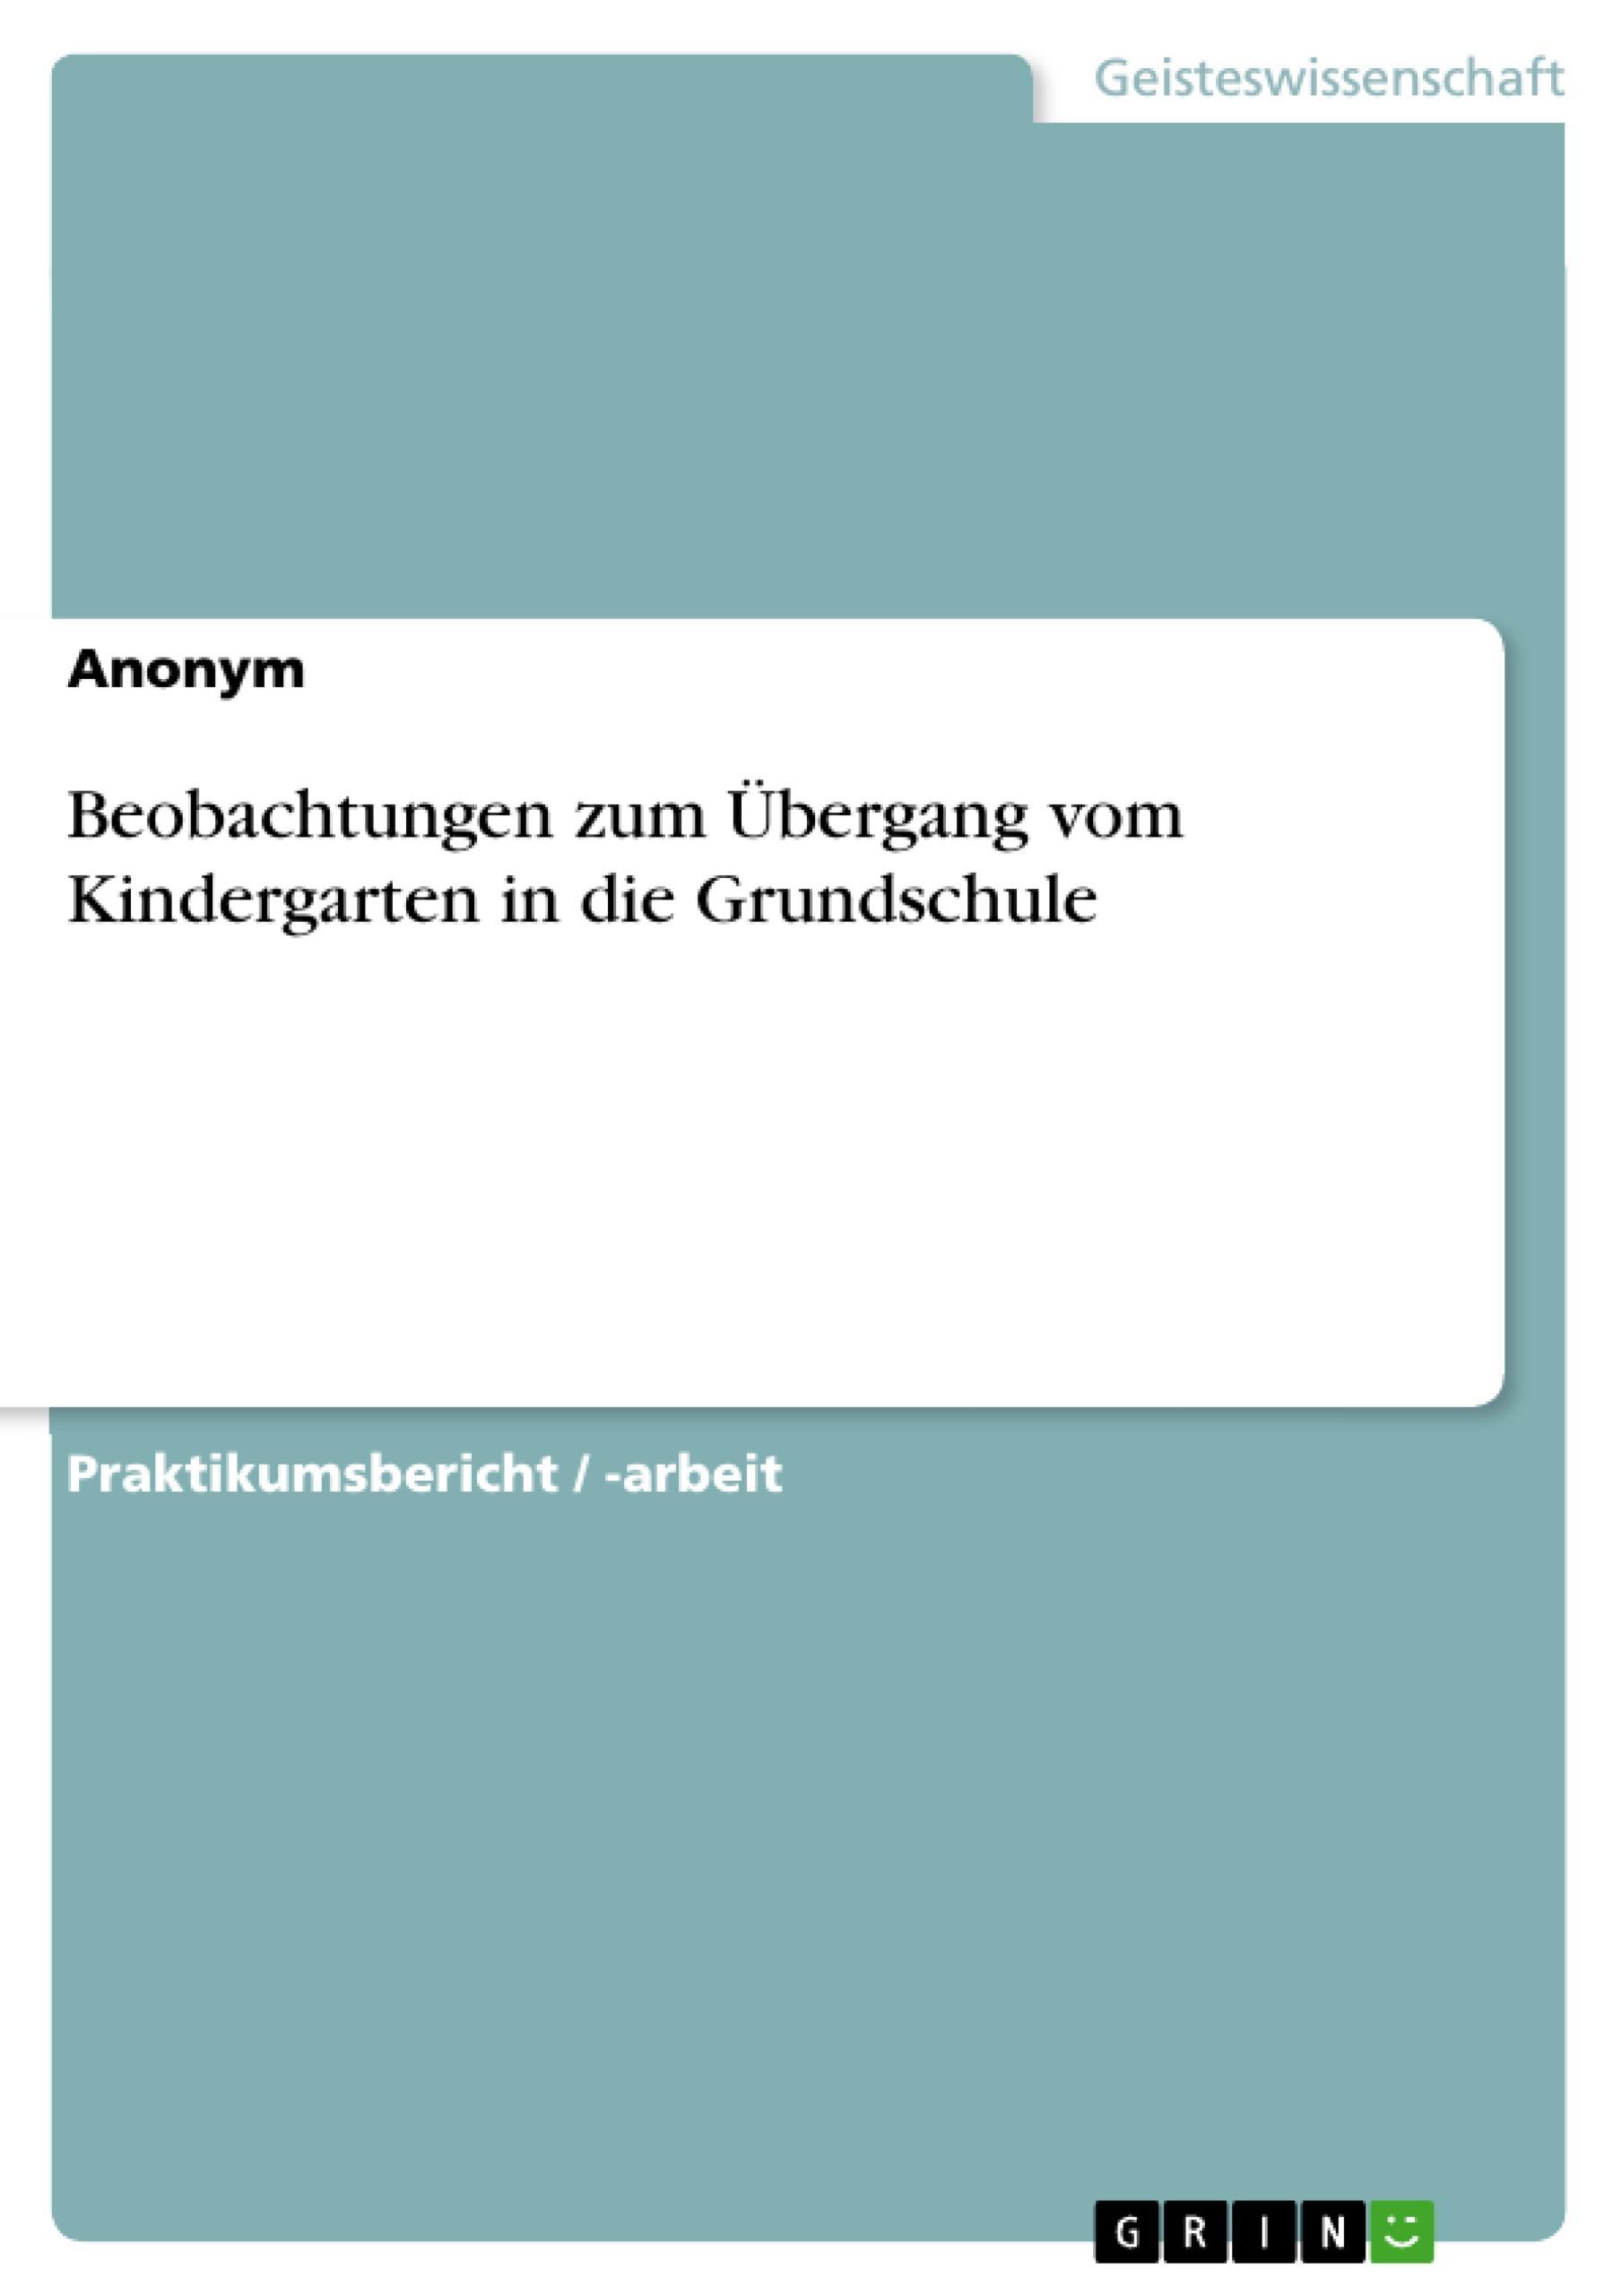 Beobachtungen zum Übergang vom Kindergarten in die Grundschule  Broschüre  Deutsch  2010